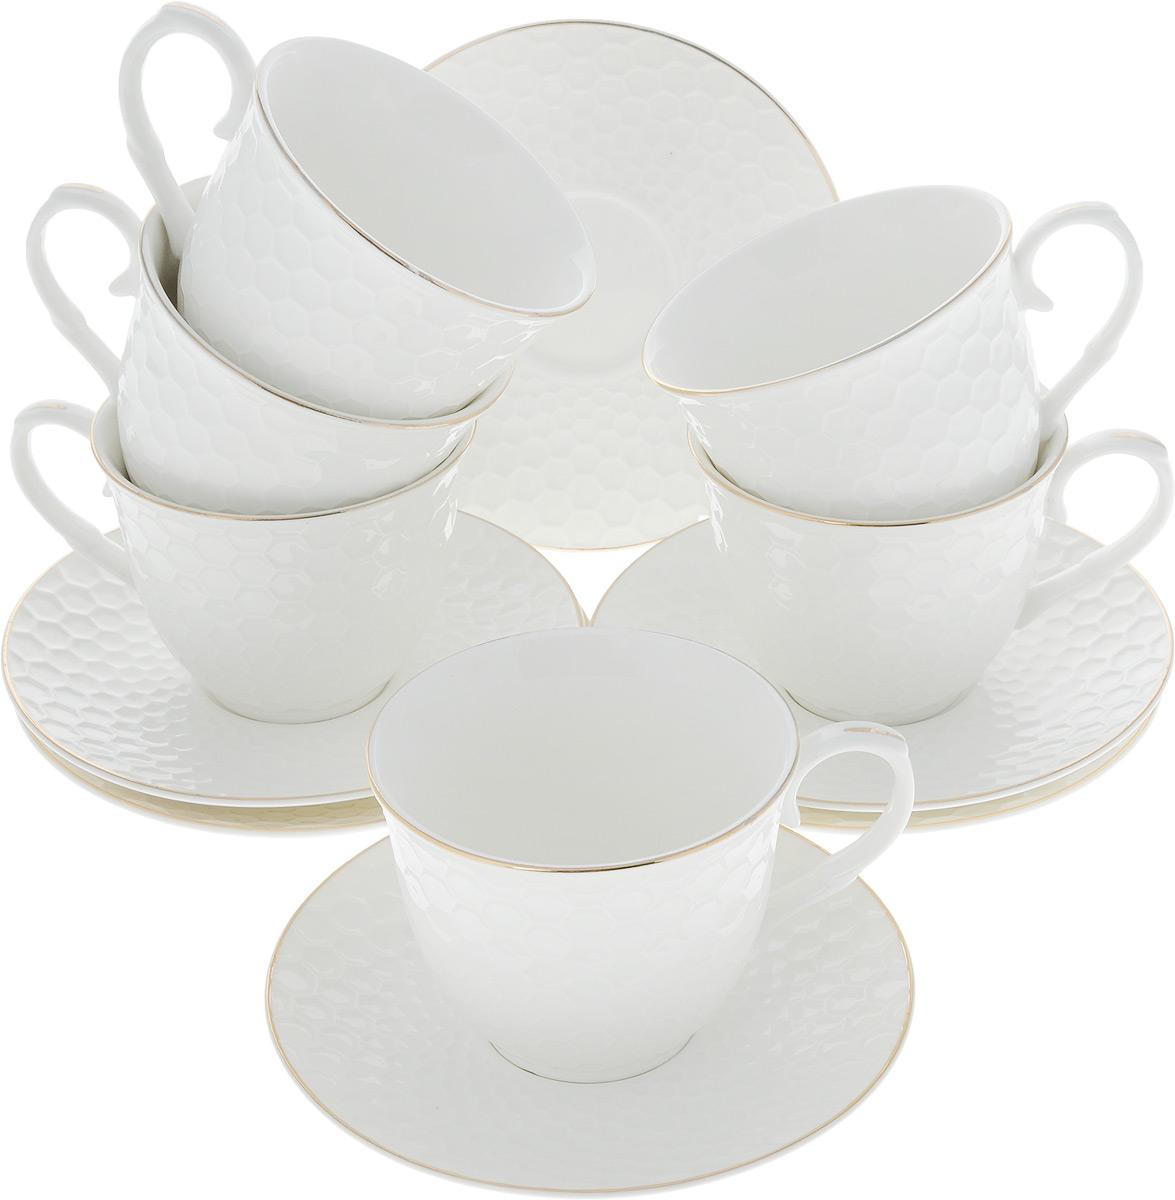 Сервиз чайный Loraine, 12 предметов. 26506 сервиз чайный loraine на подставке 13 предметов 43285